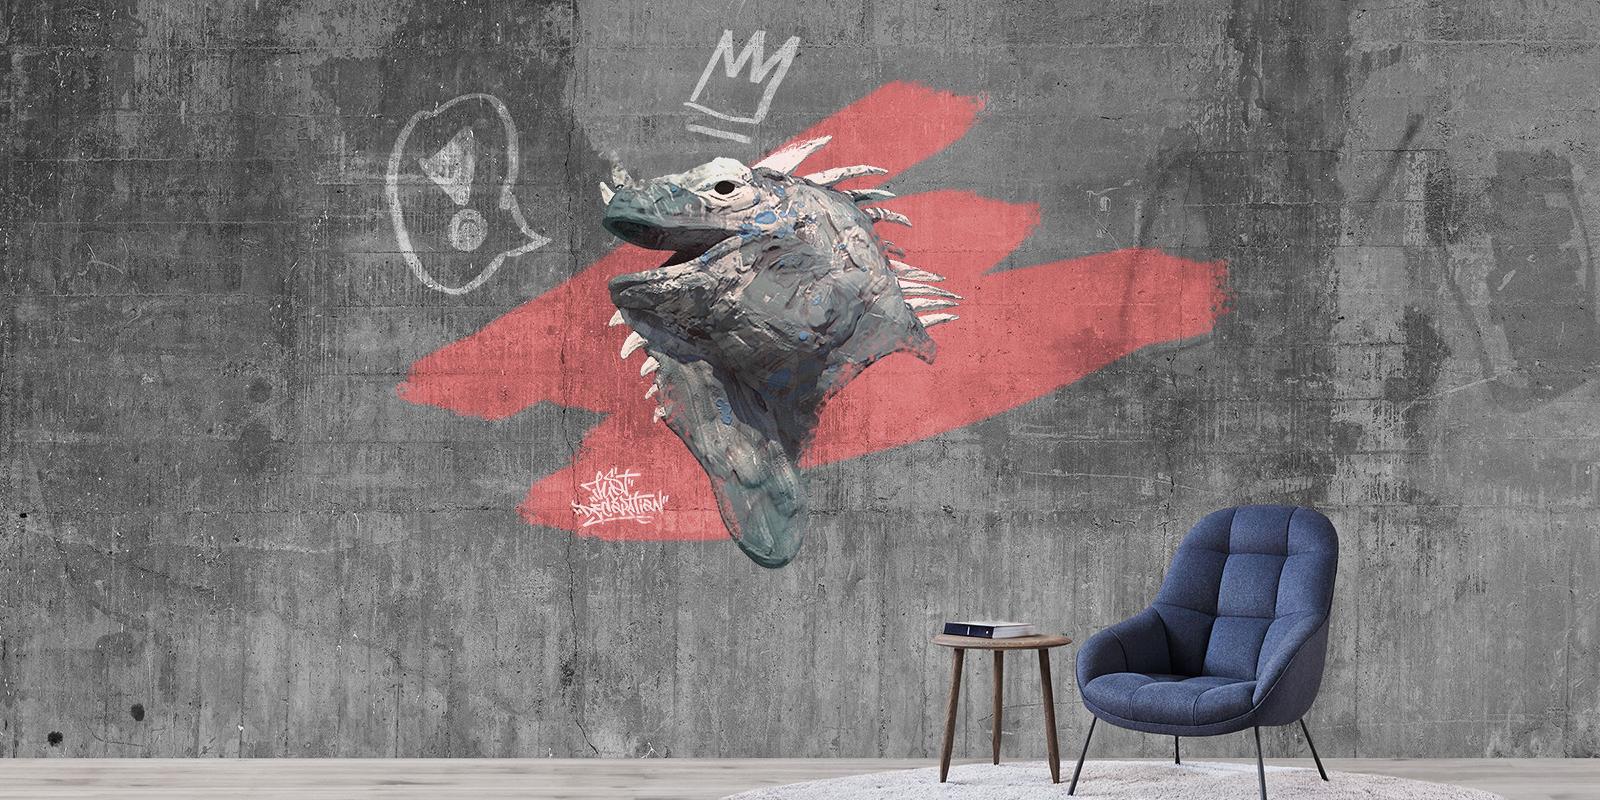 graffiti_002.jpg